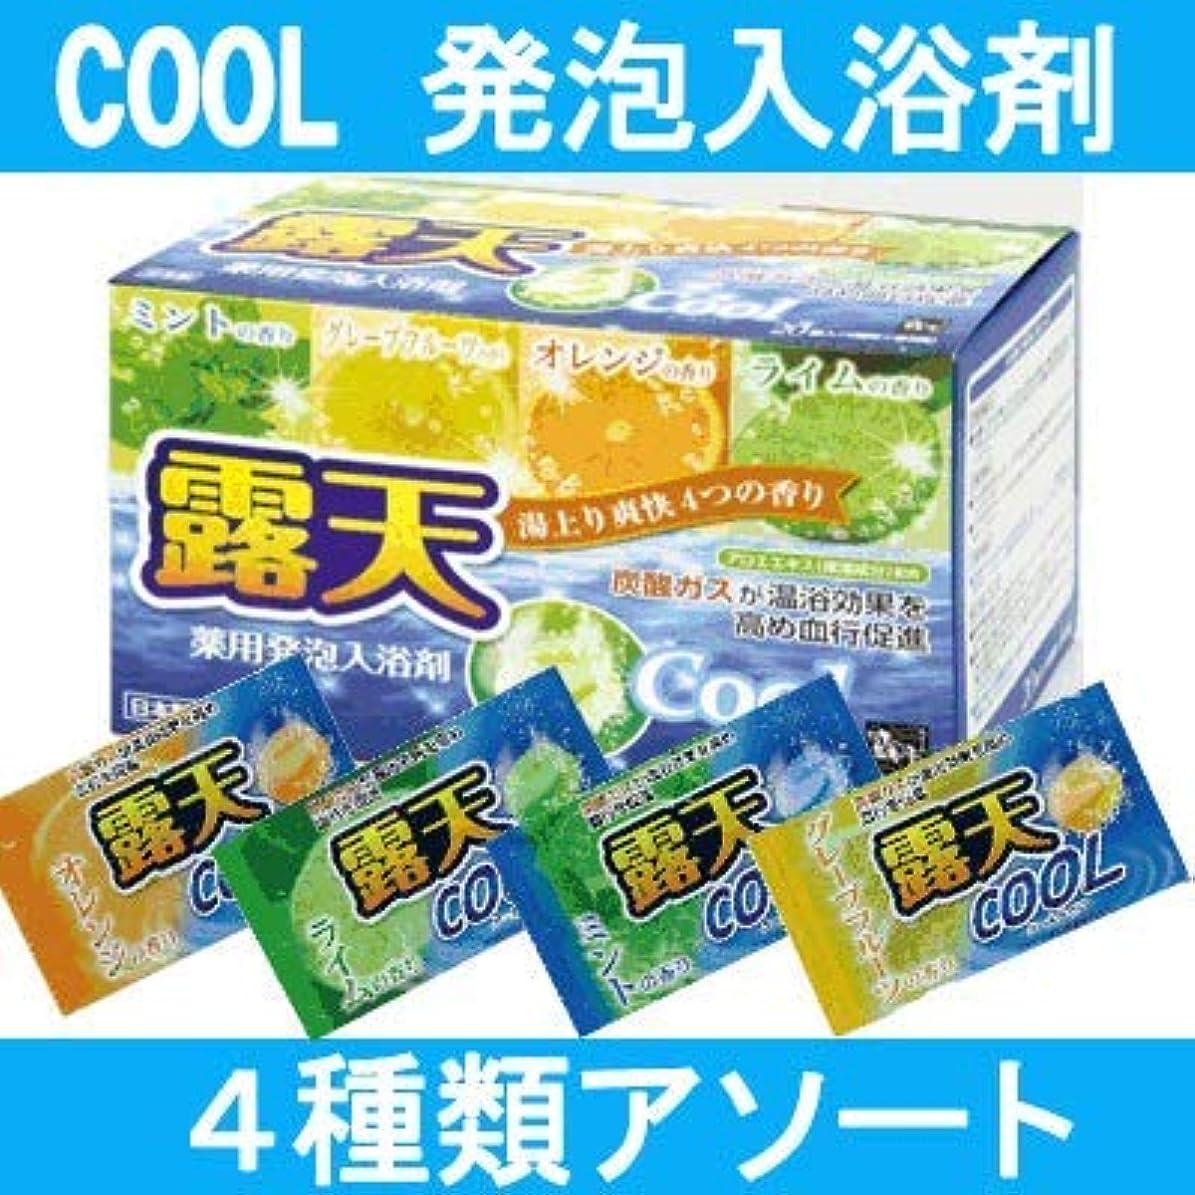 【薬用発泡入浴剤】 露天40g クール 4種類アソート(1セット400個入)